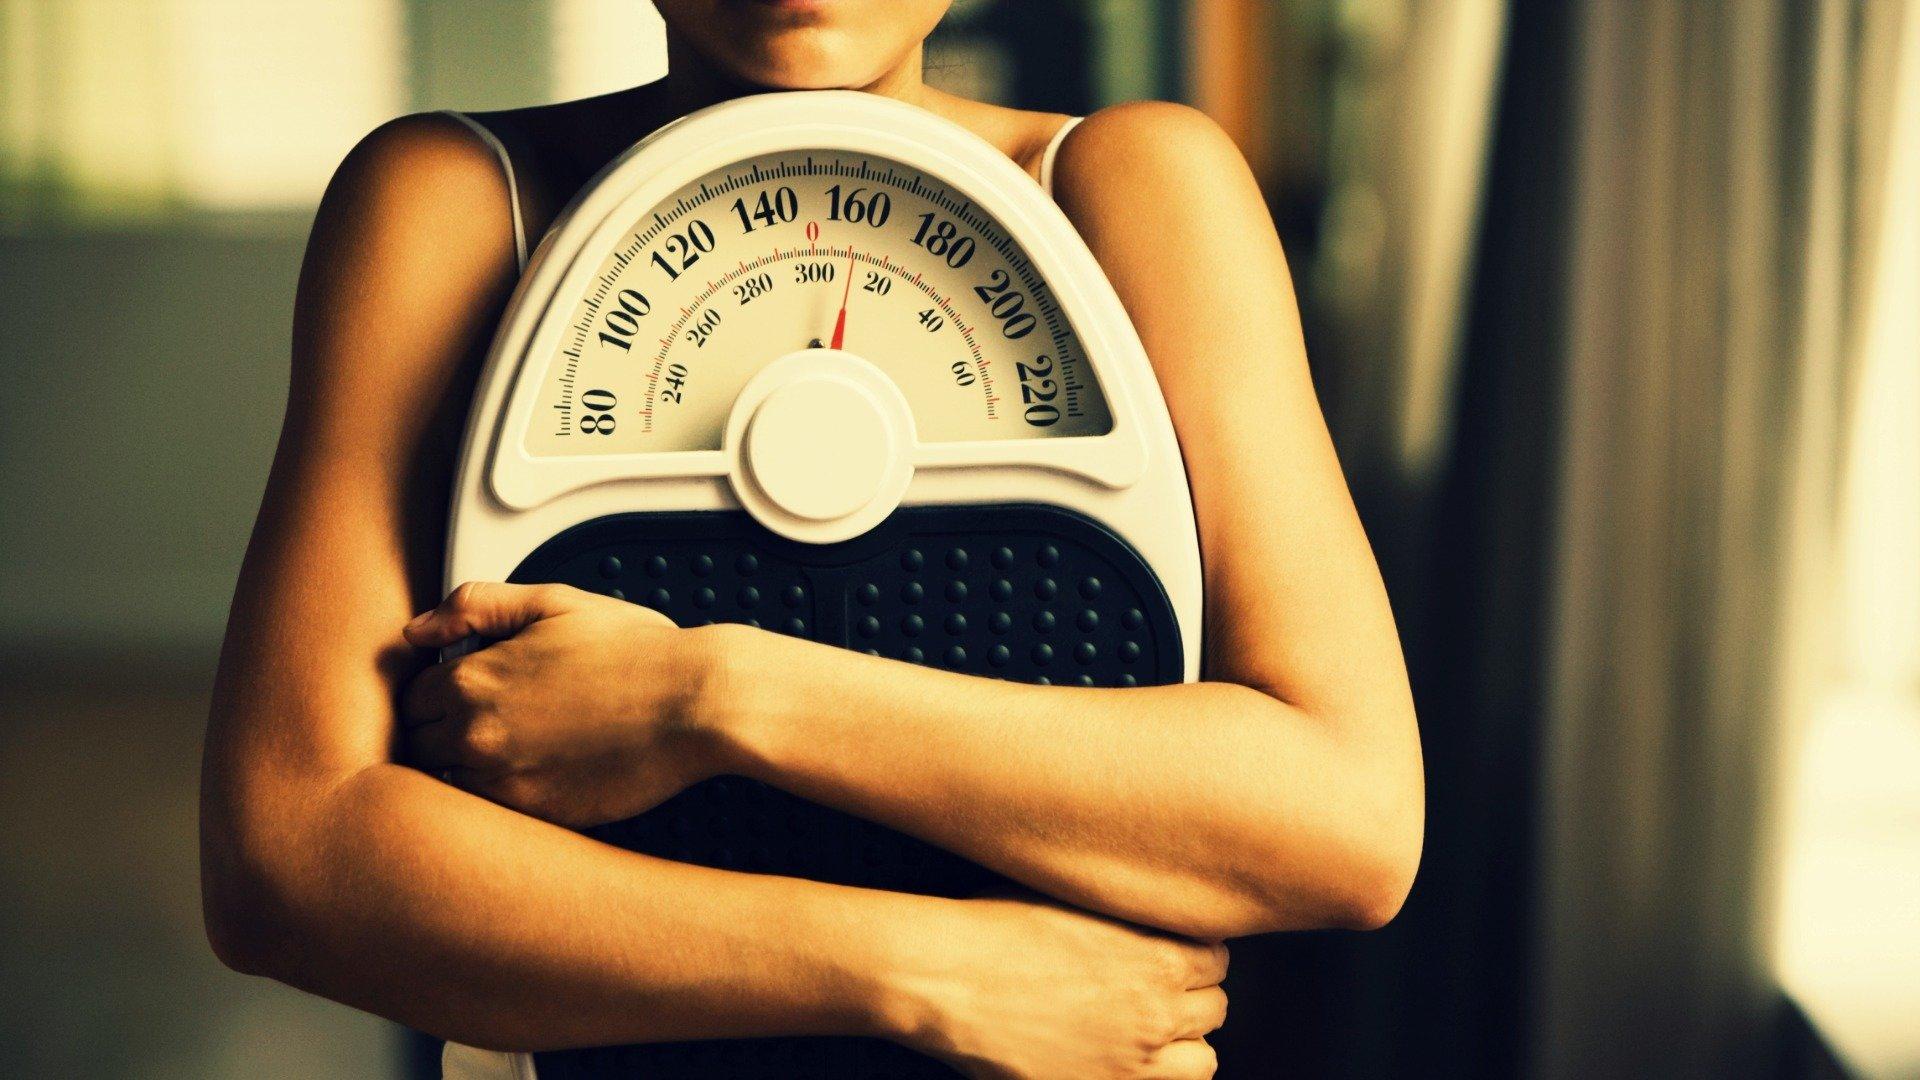 Эффект плато при тренировках и похудении: что это и как преодолеть